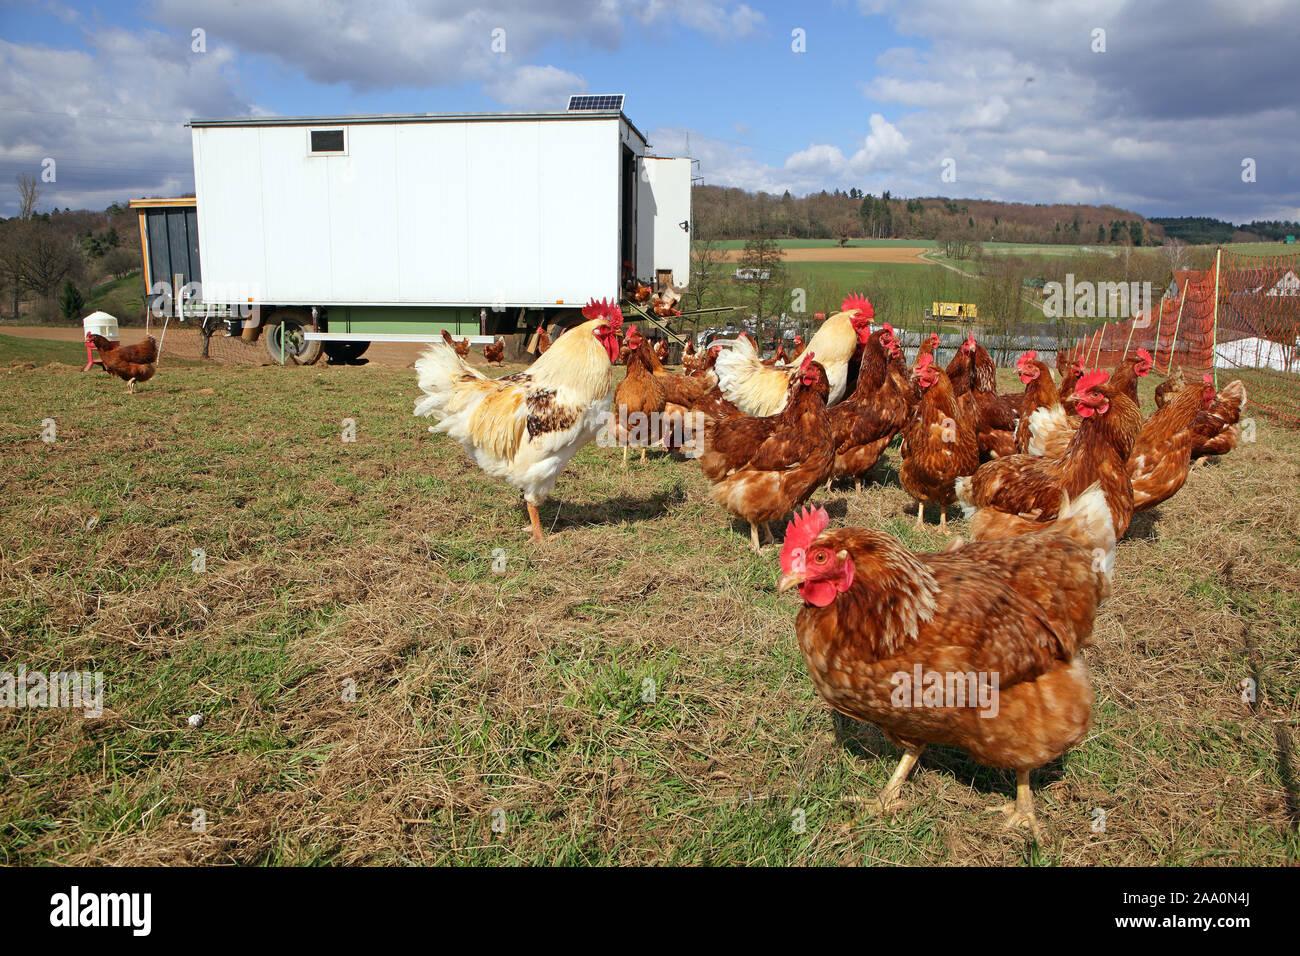 Hühner in Freilandhaltung mit Auslauf in einer Wiese. Im Hintergrund steht ein mobiles Hühnerhaus. Stockfoto